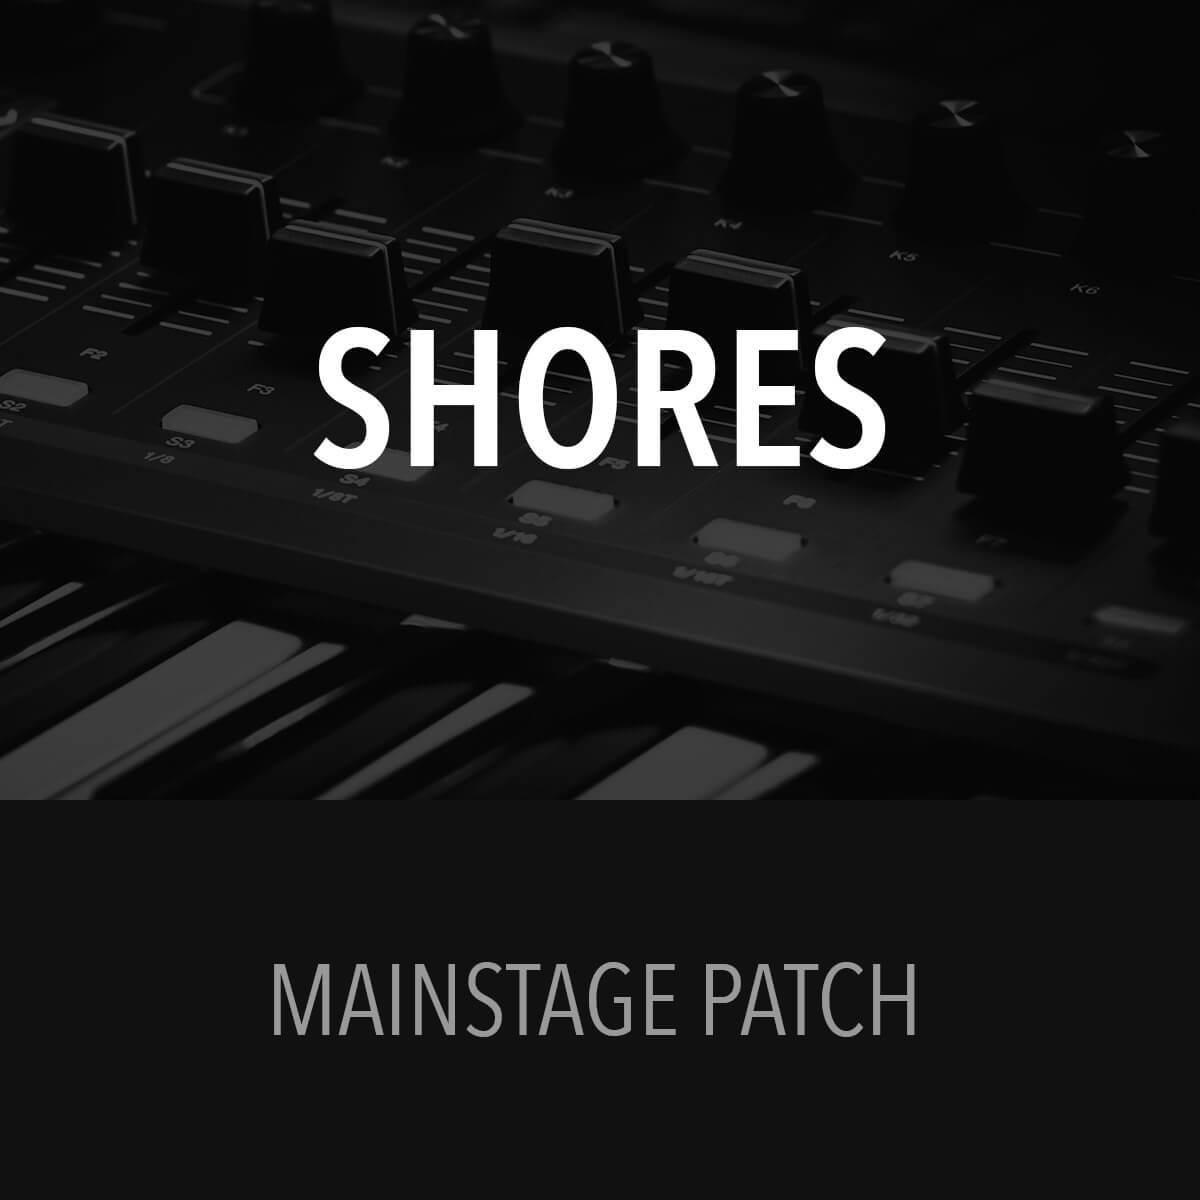 MainStage Patch - Shores - Bryan & Katie Torwalt